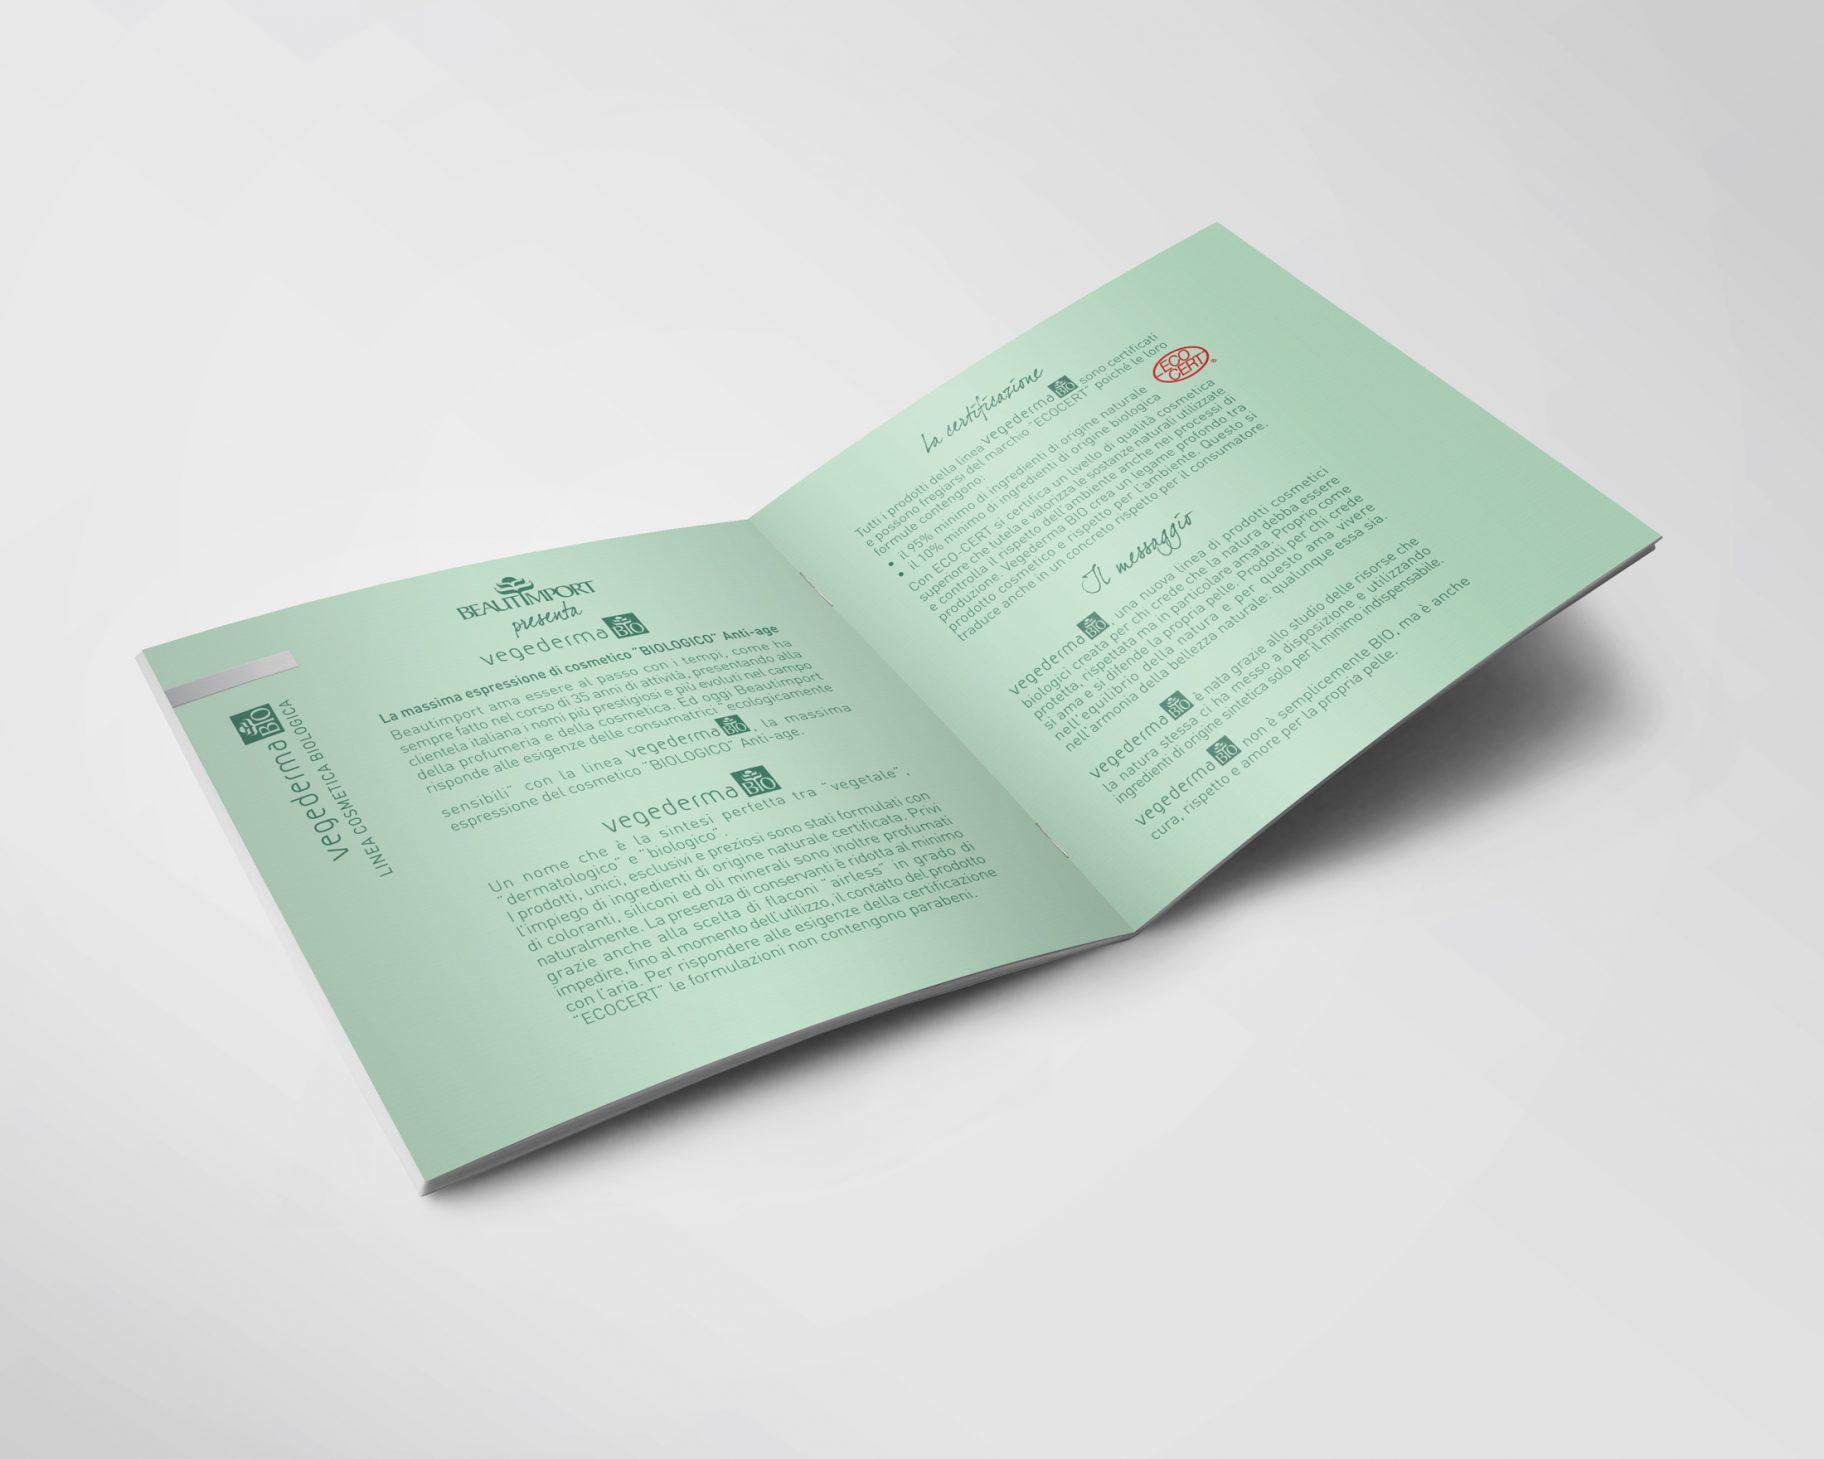 BEAUTIMPORT VegedermaBIO-brochure-02